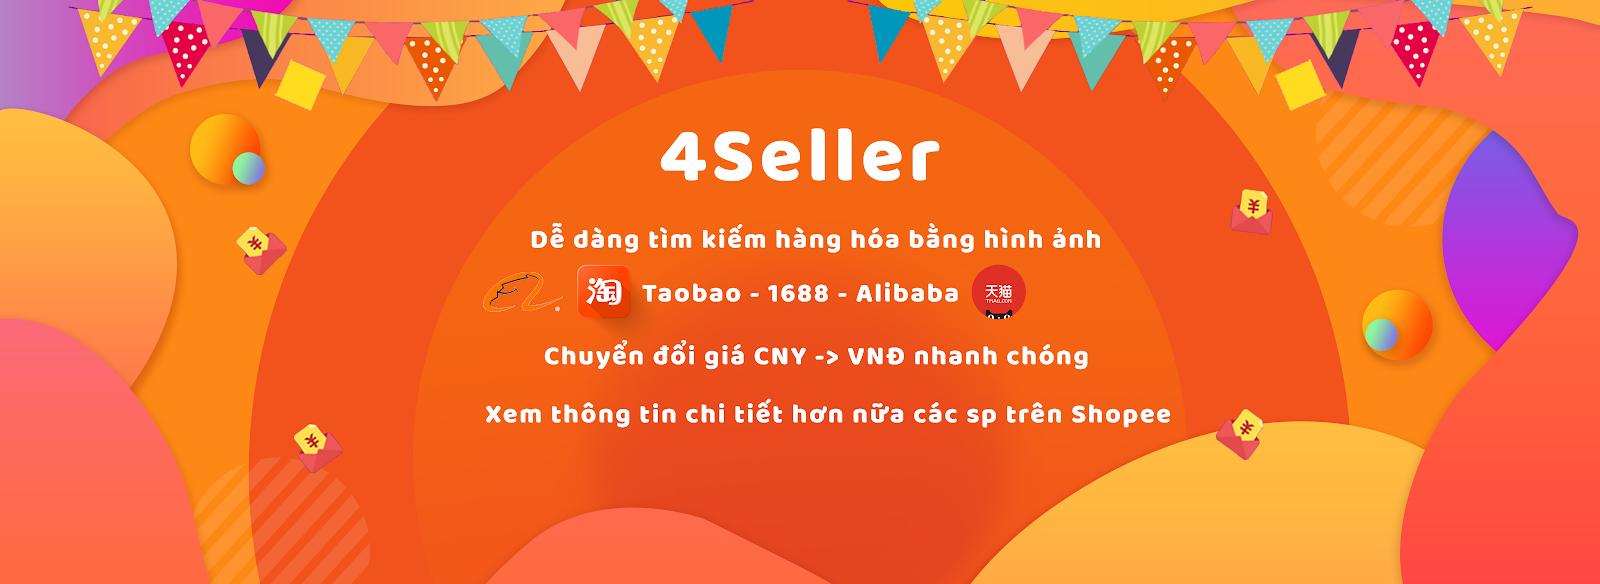 4seller-banner